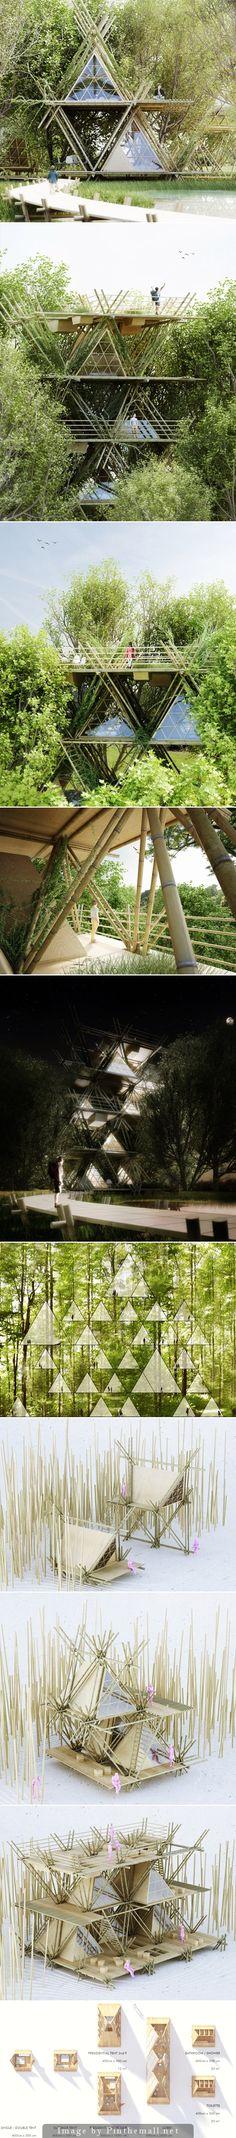 Penda Modular Bamboo Hotel